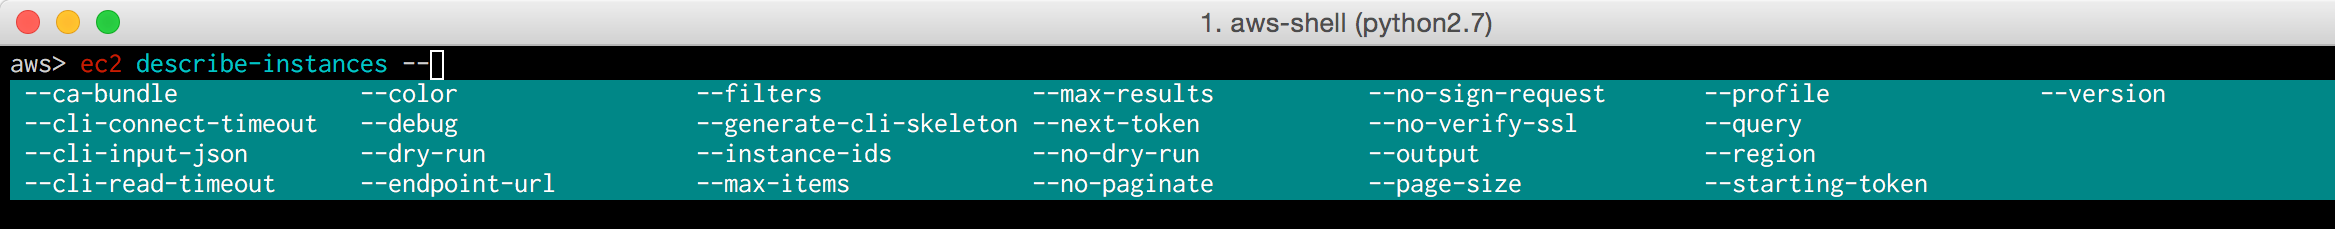 1__aws-shell__python2_7_ 4